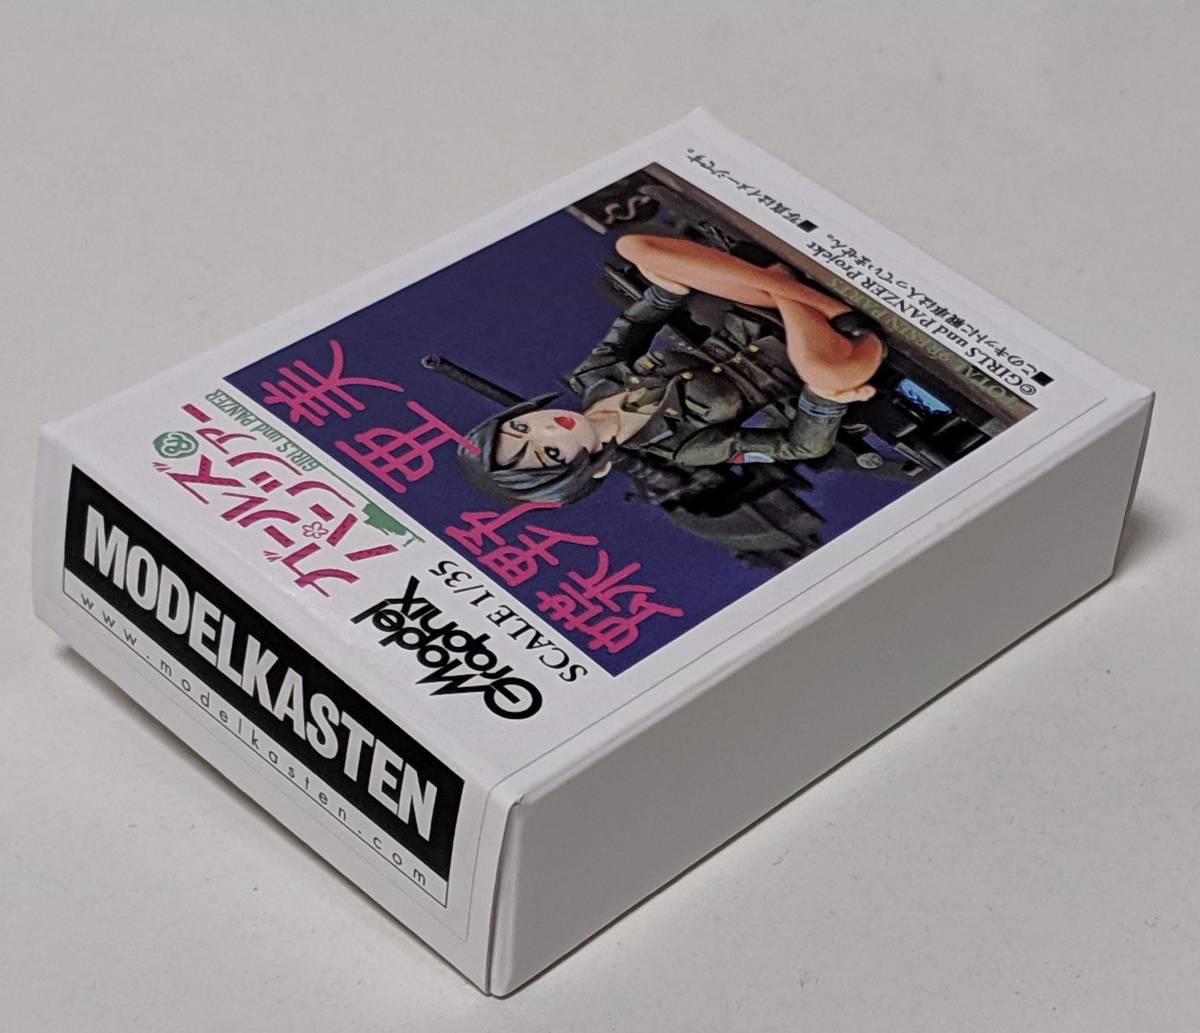 【模型032】Model Graphix 1/35 [ 蝶野亜美 ] ガールズ&パンツァー レジンキャスト製フィギュア_画像2